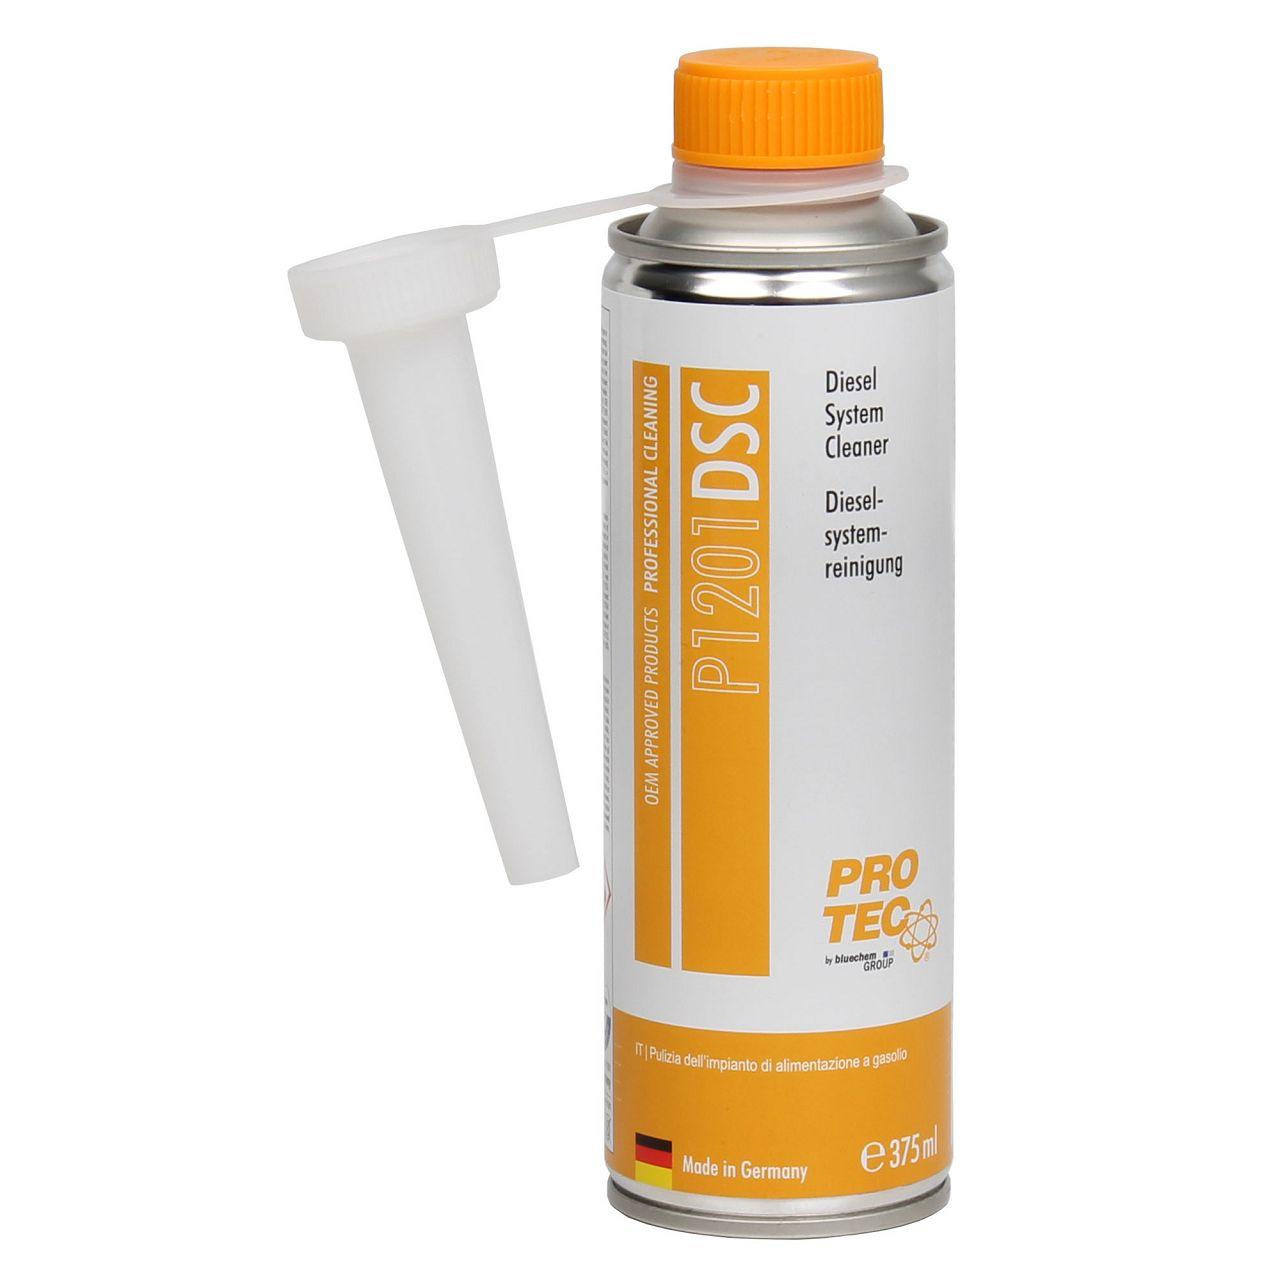 PROTEC DSC Diesel System Cleaner Diesel Systemreiniger Einspritzsystem 375ml